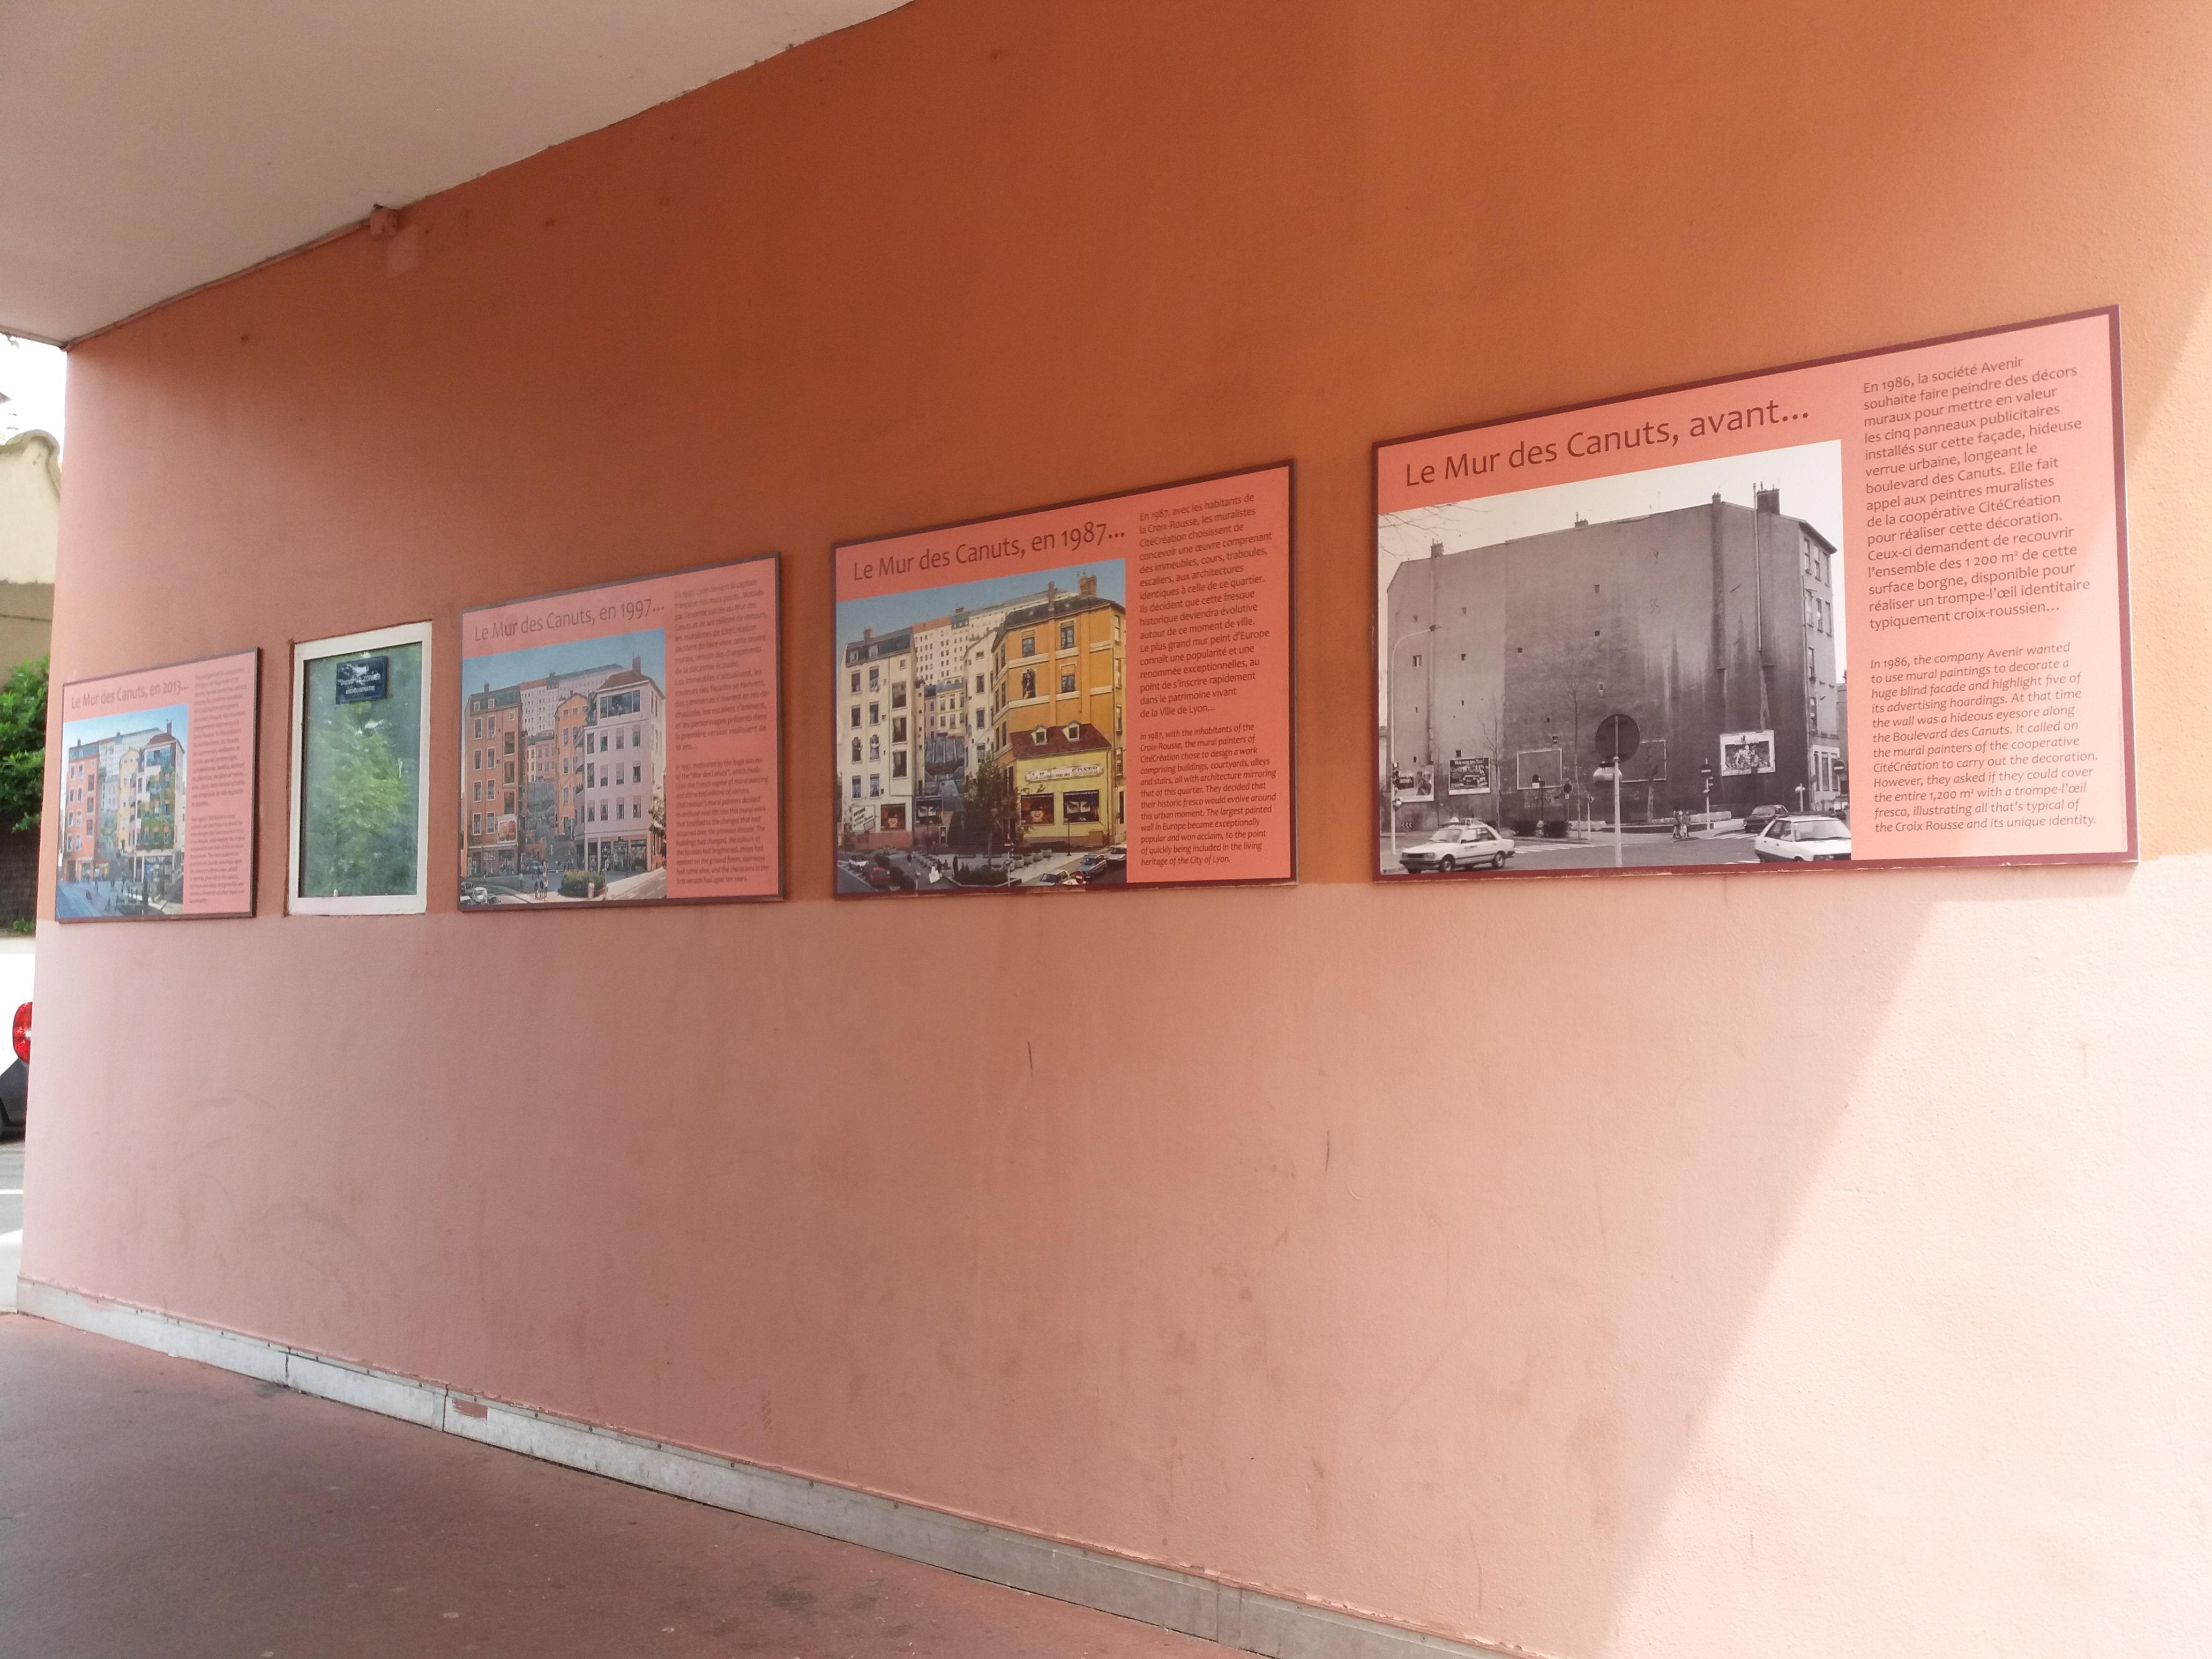 Peindre Une Fresque Sur Un Mur file:lyon 4e - traboule cormier - panneaux sur le mur des